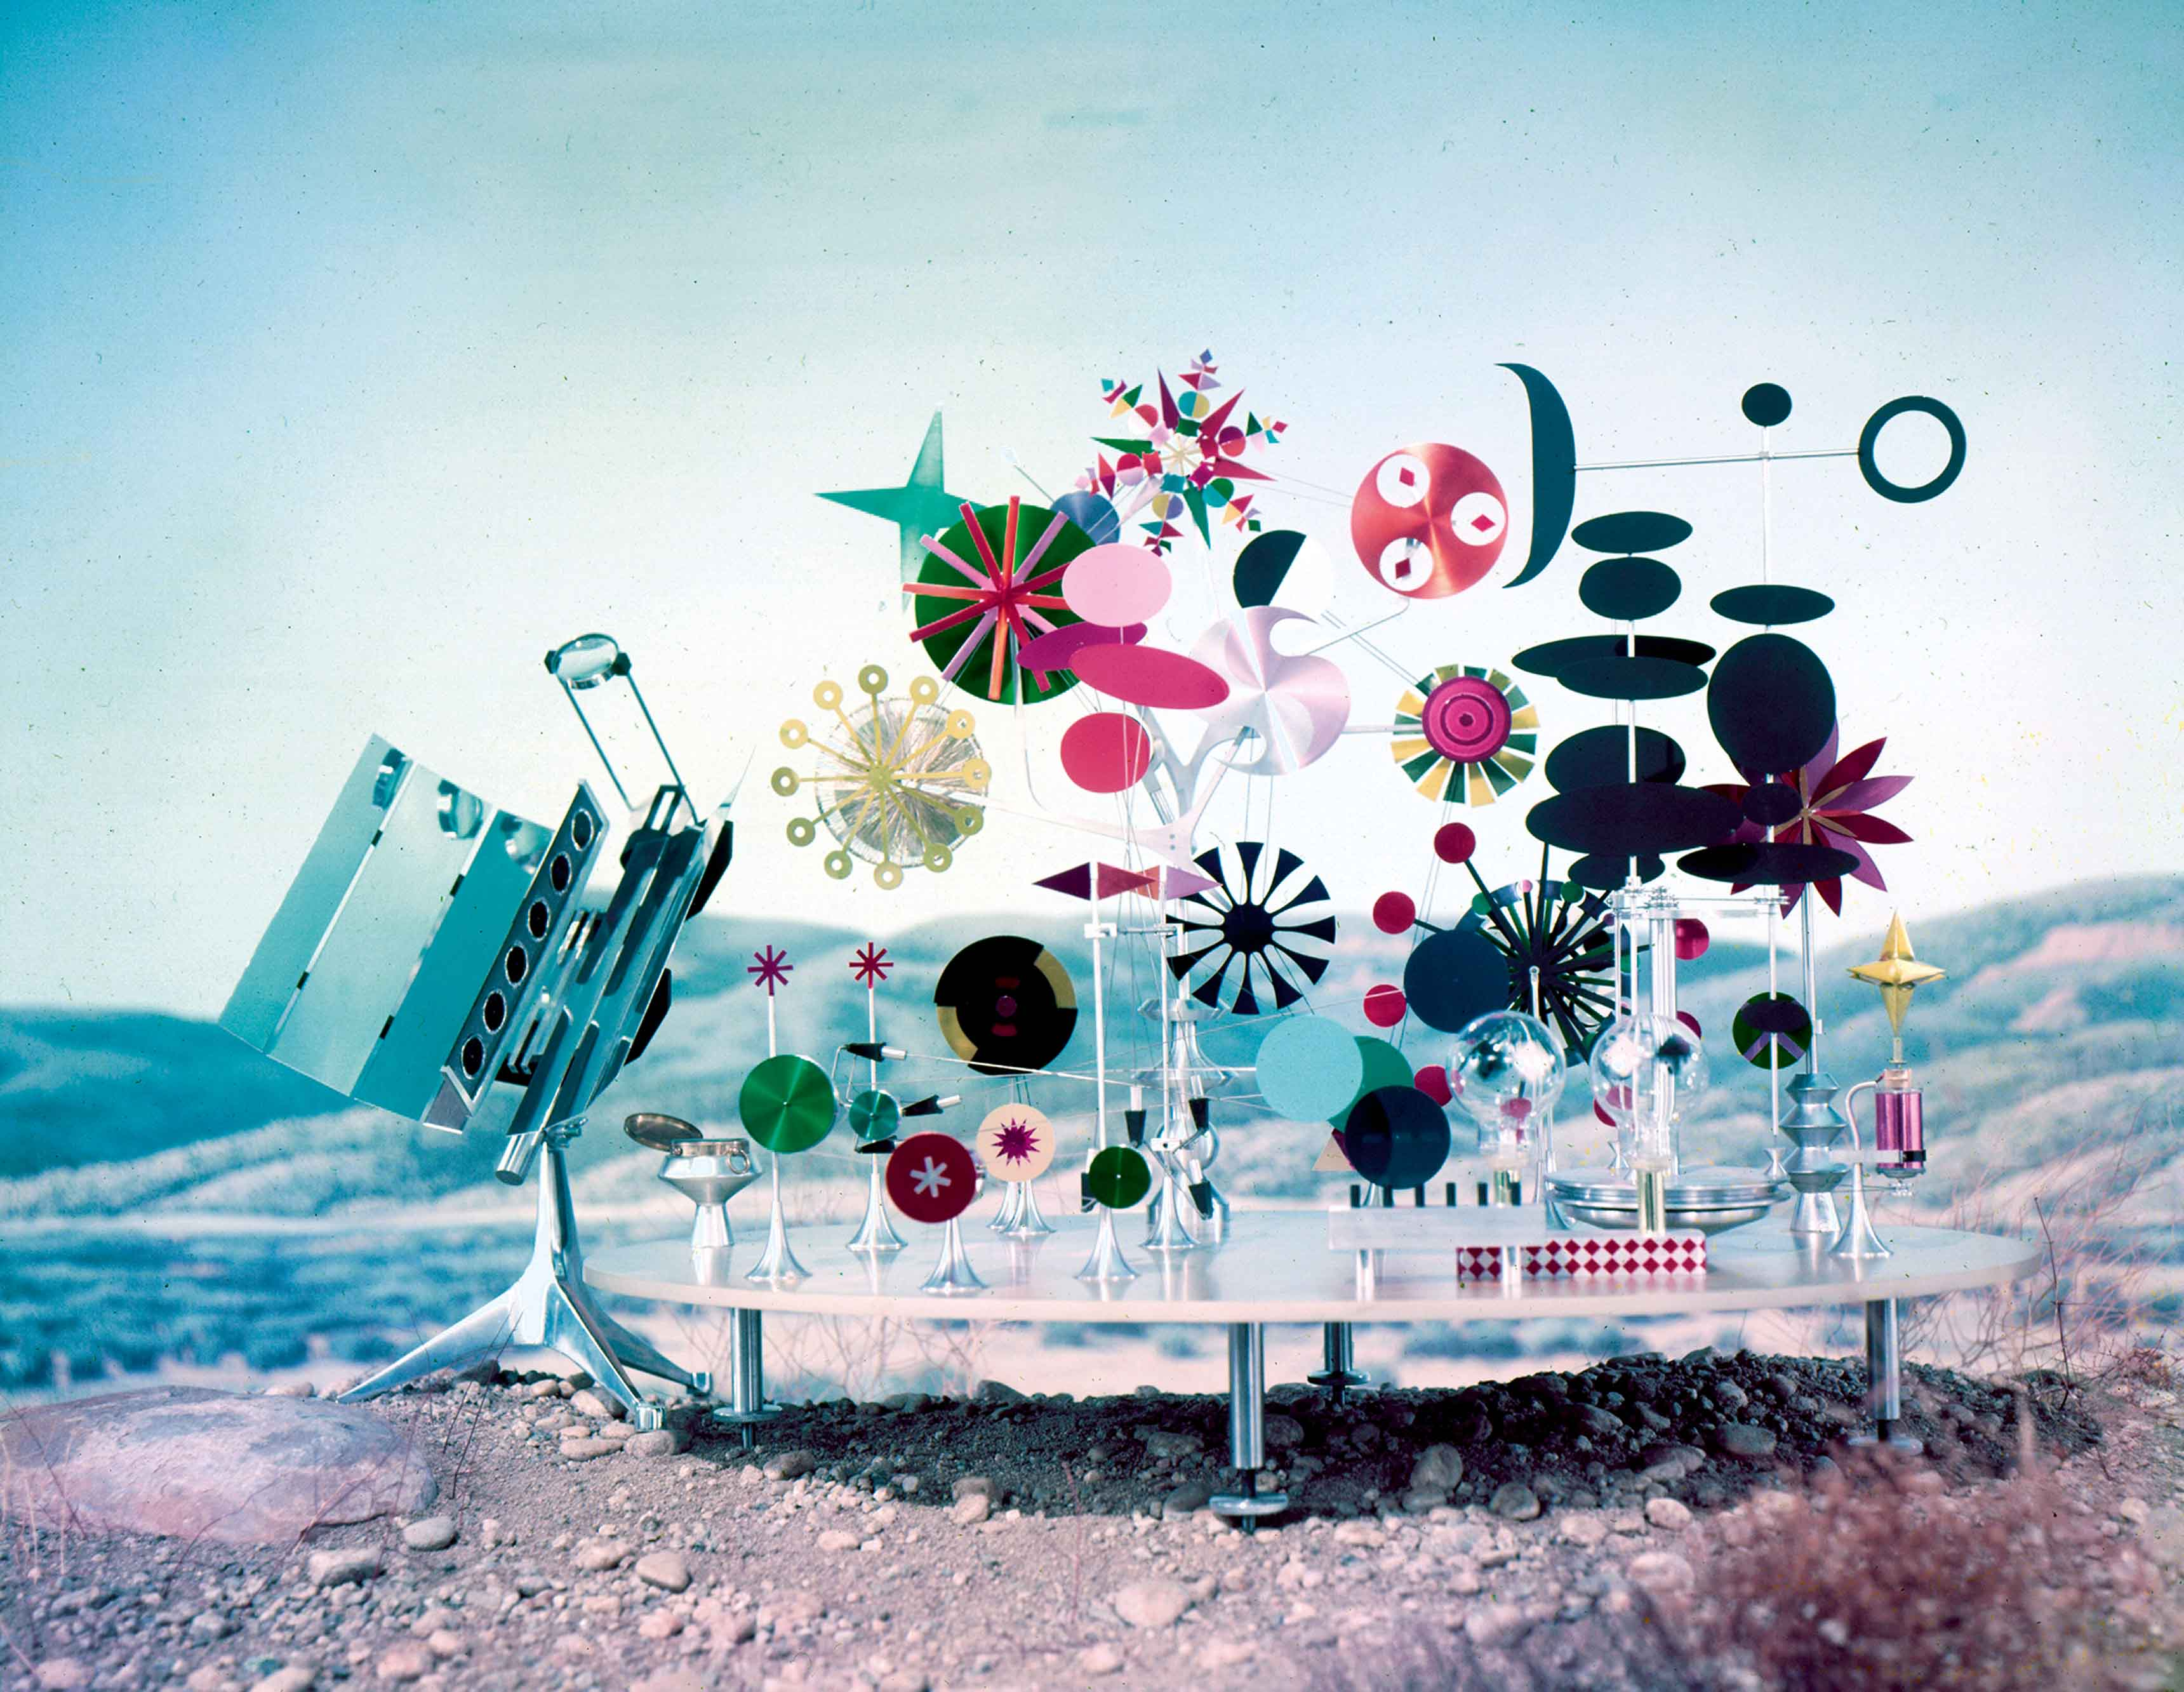 La Solar Do-Nothing Machine (1957) de Charles & Ray Eames est l'une des premières machines utilisant l'énergie solaire. Derrière ses apparences de jouet, elle témoigne de la manière dont les Eames prenaient en compte les nouvelles technologies.